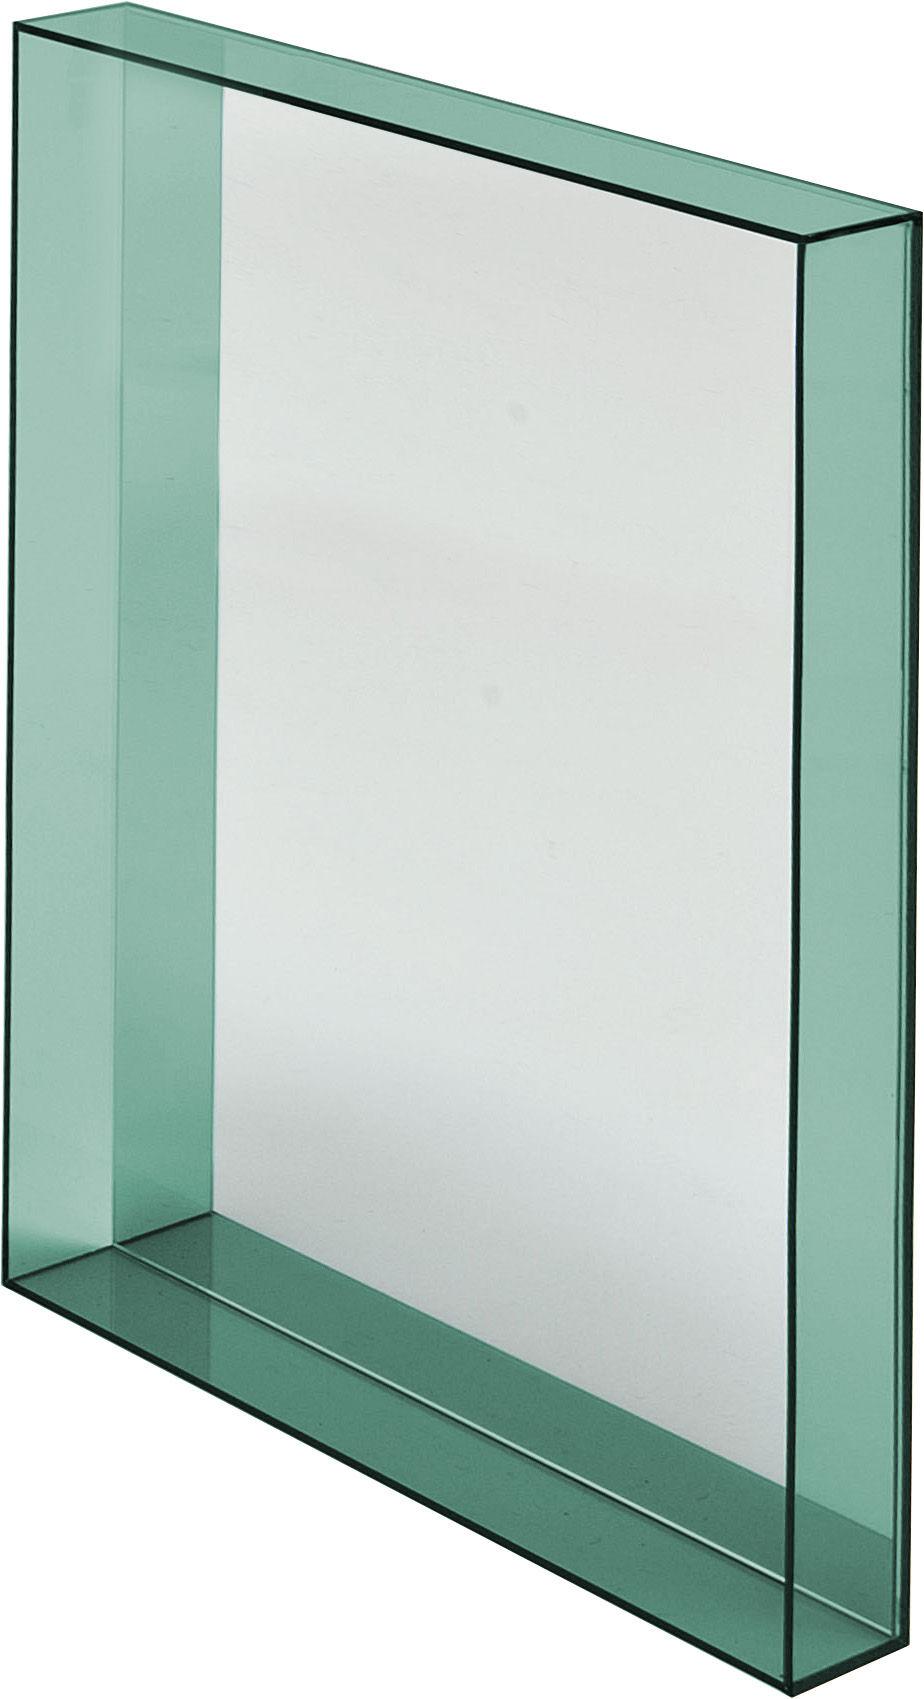 Miroir mural only me l 50 x h 70 cm vert meraude transparent kartell for Miroir 50 x 90